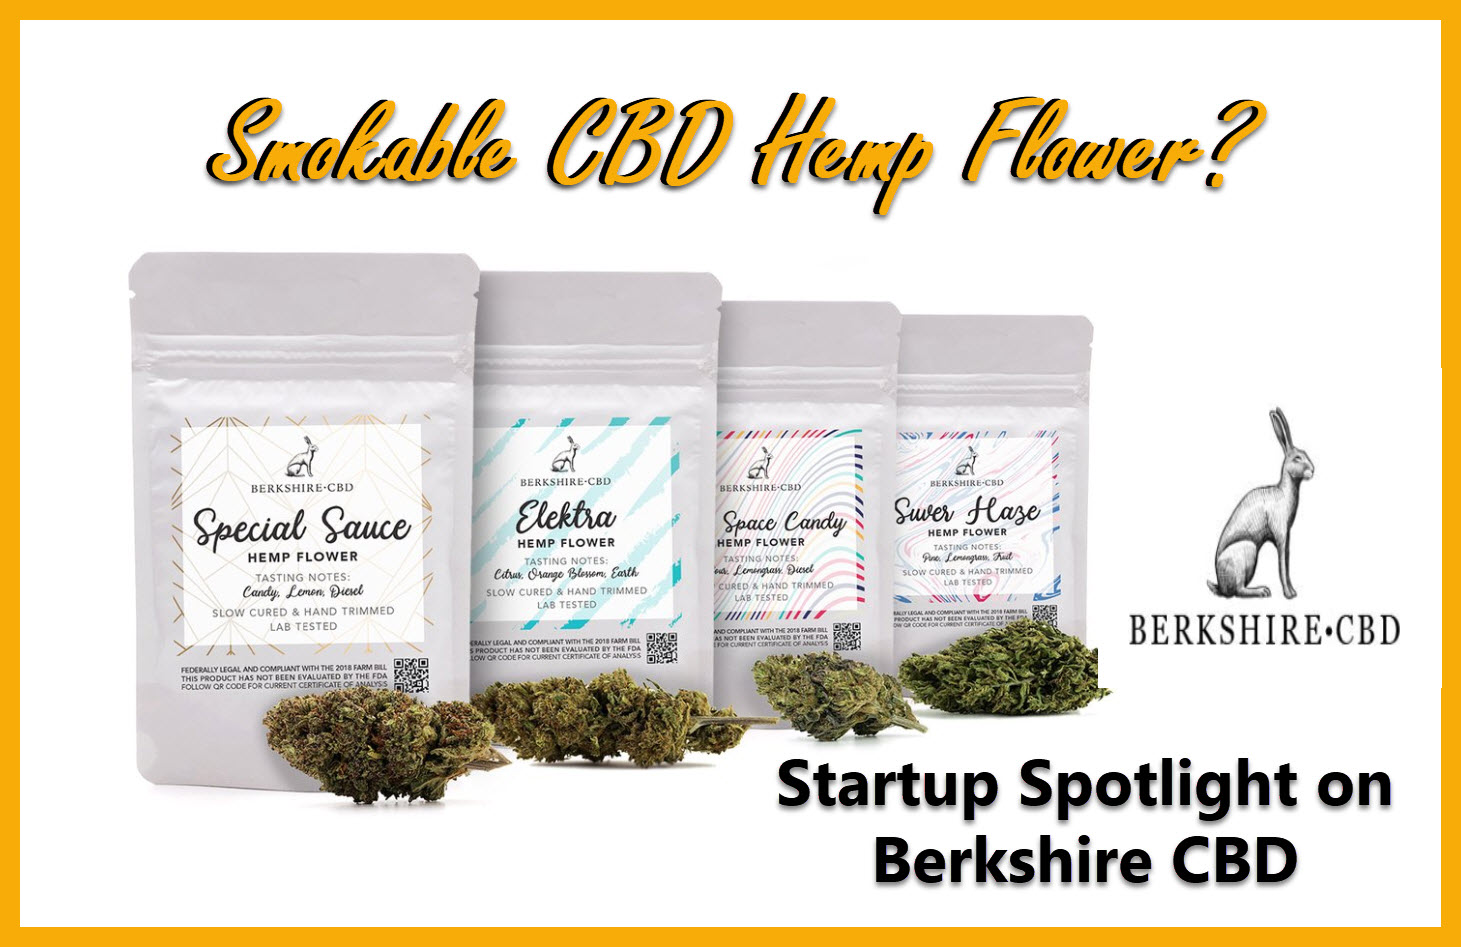 Smokable CBD Hemp Flower With Berkshire CBD